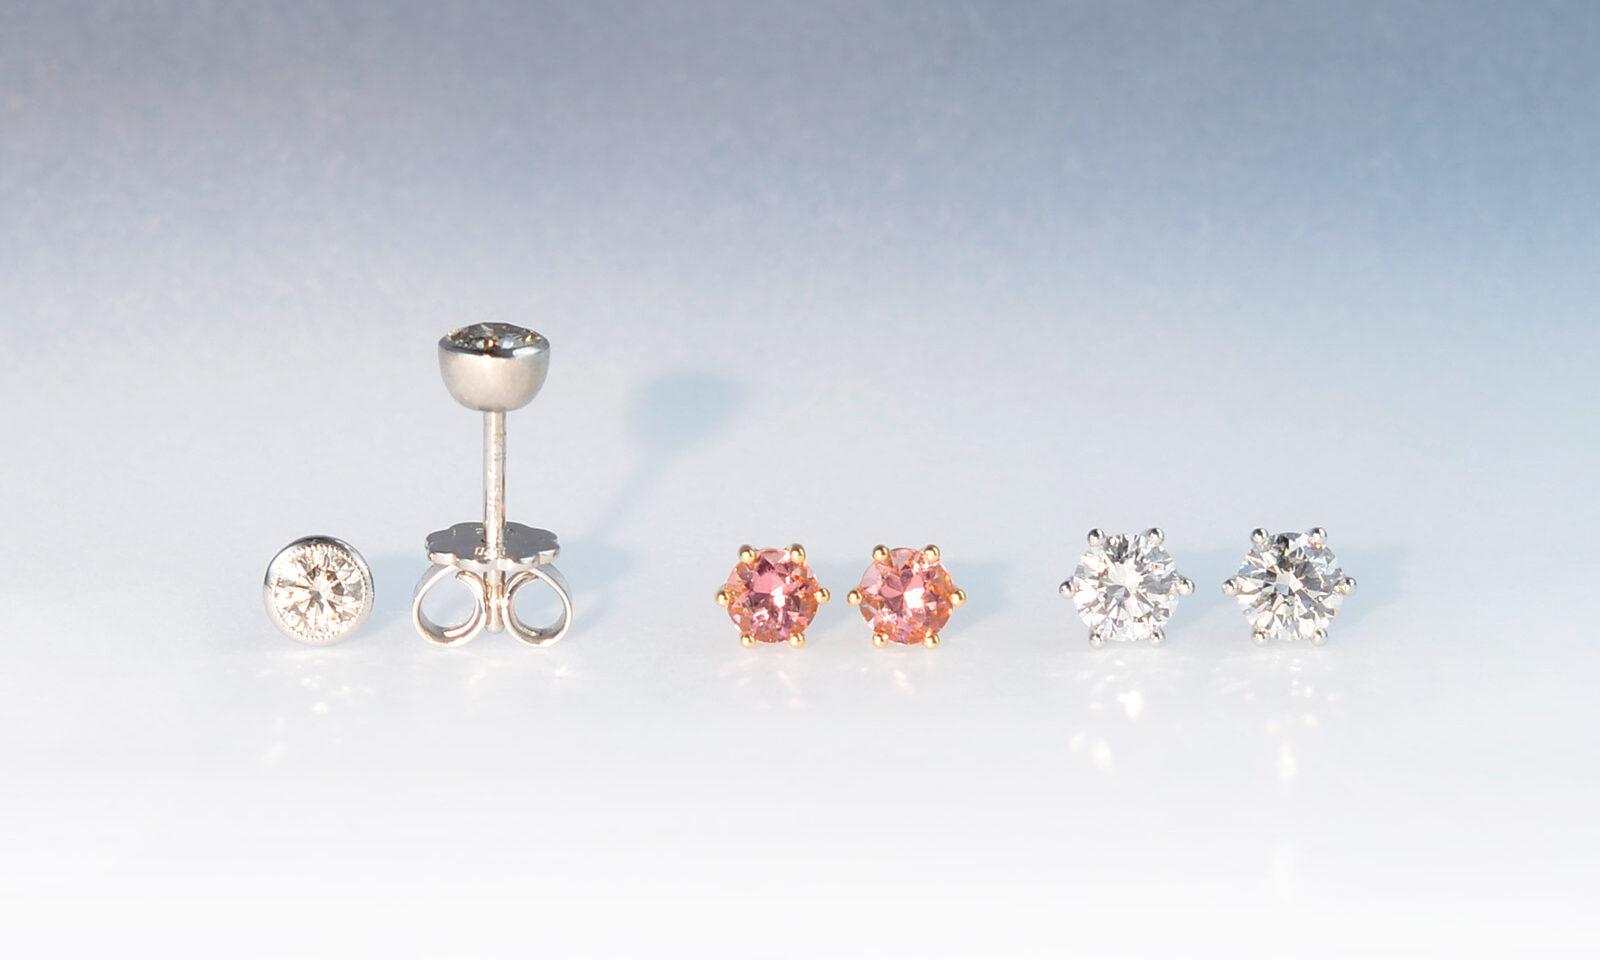 Ohrstecker turpink brillweiss. Ohrstecker Diamant getönt 3.9 mm 0.47 ct. Weissgold 750, CHF 2200.- / Turmalin rosa 4.0 mm, Roségold 750, CHF 950.- / Brillant TW si 4.55 mm 0.72 ct., Weissgold 750, CHF 4300.-